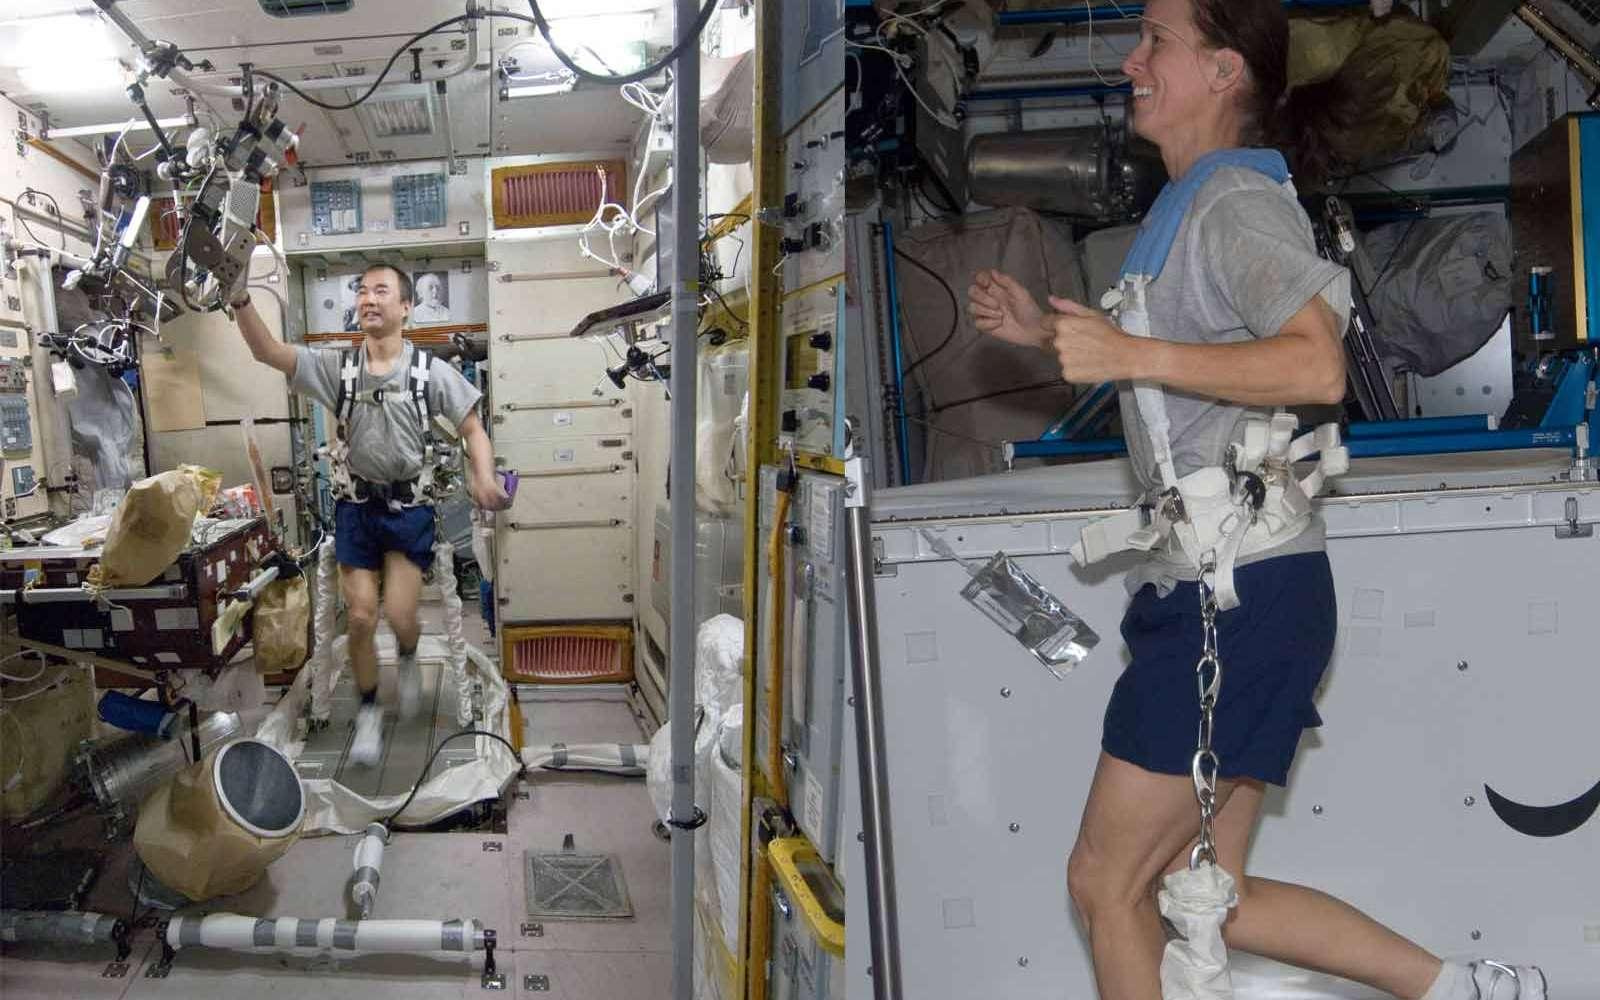 Les méthodes utilisées pour combattre les effets de l'apesanteur à bord de l'ISS sont bien adaptées pour les séjours de quelques semaines à quelques mois. Pour atteindre des destinations lointaines, il semble qu'elles ne soient pas suffisamment efficaces. Crédit Nasa